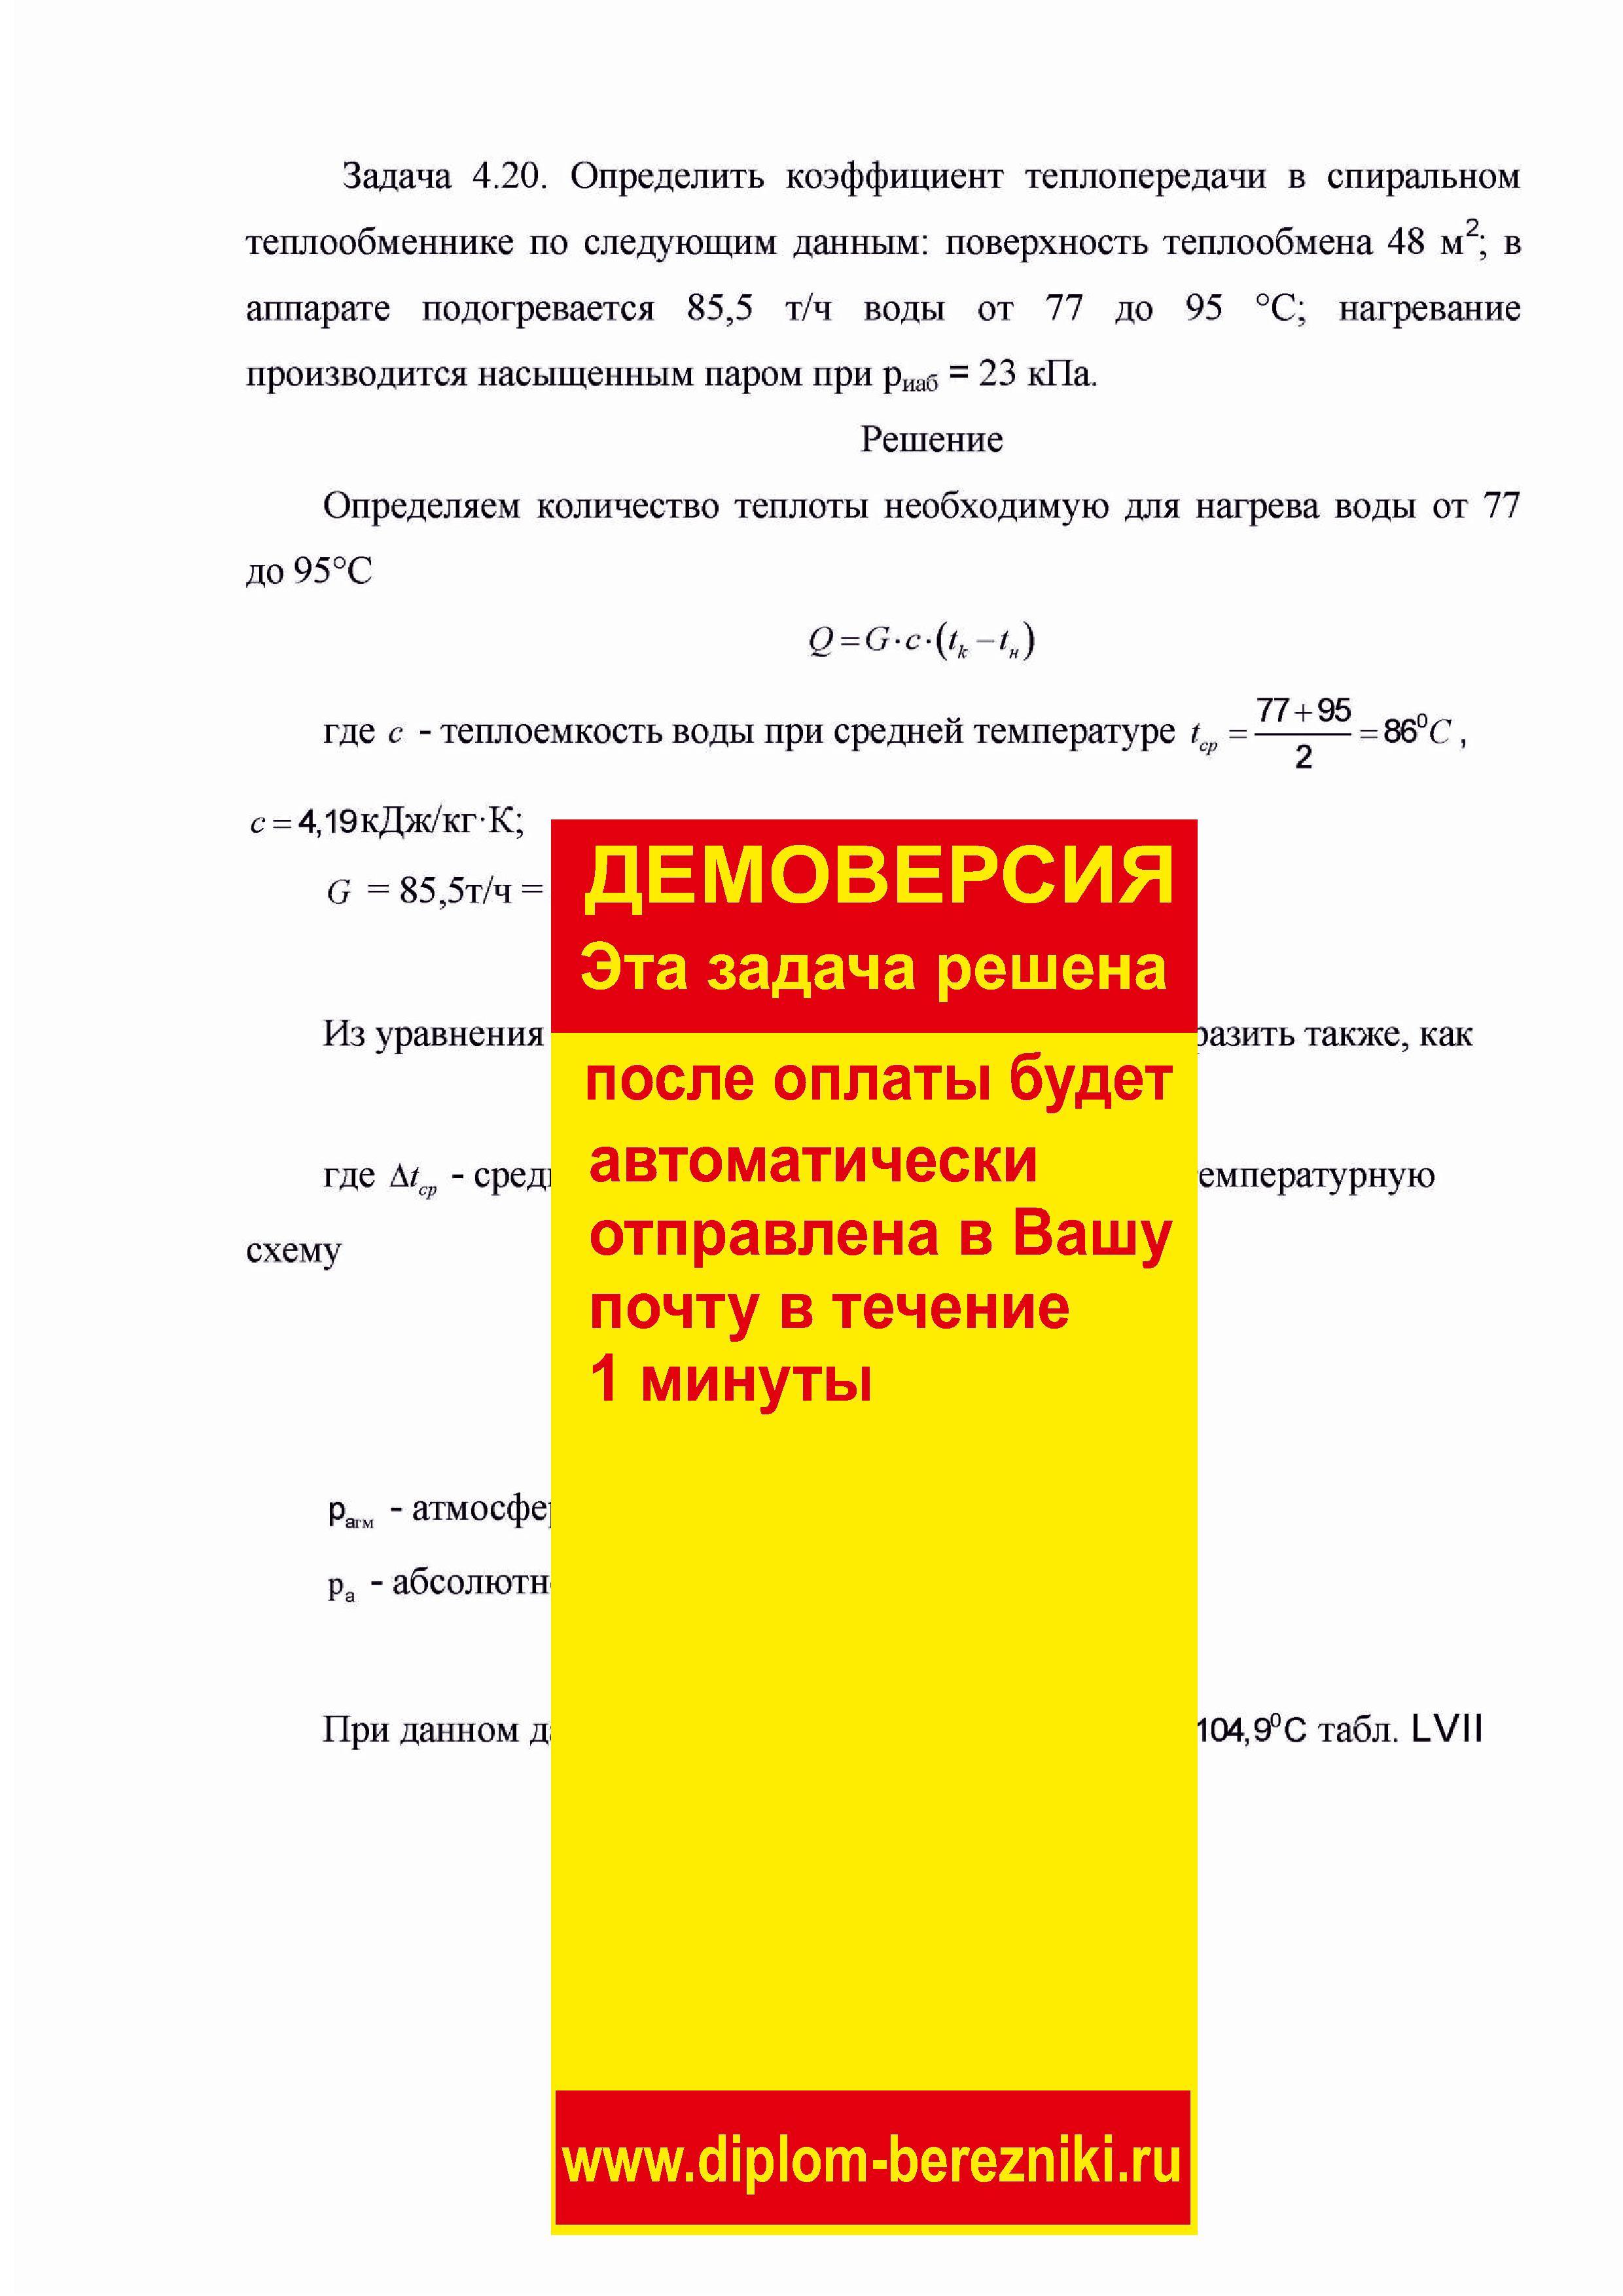 Решение задачи 4.20 по ПАХТ из задачника Павлова Романкова Носкова